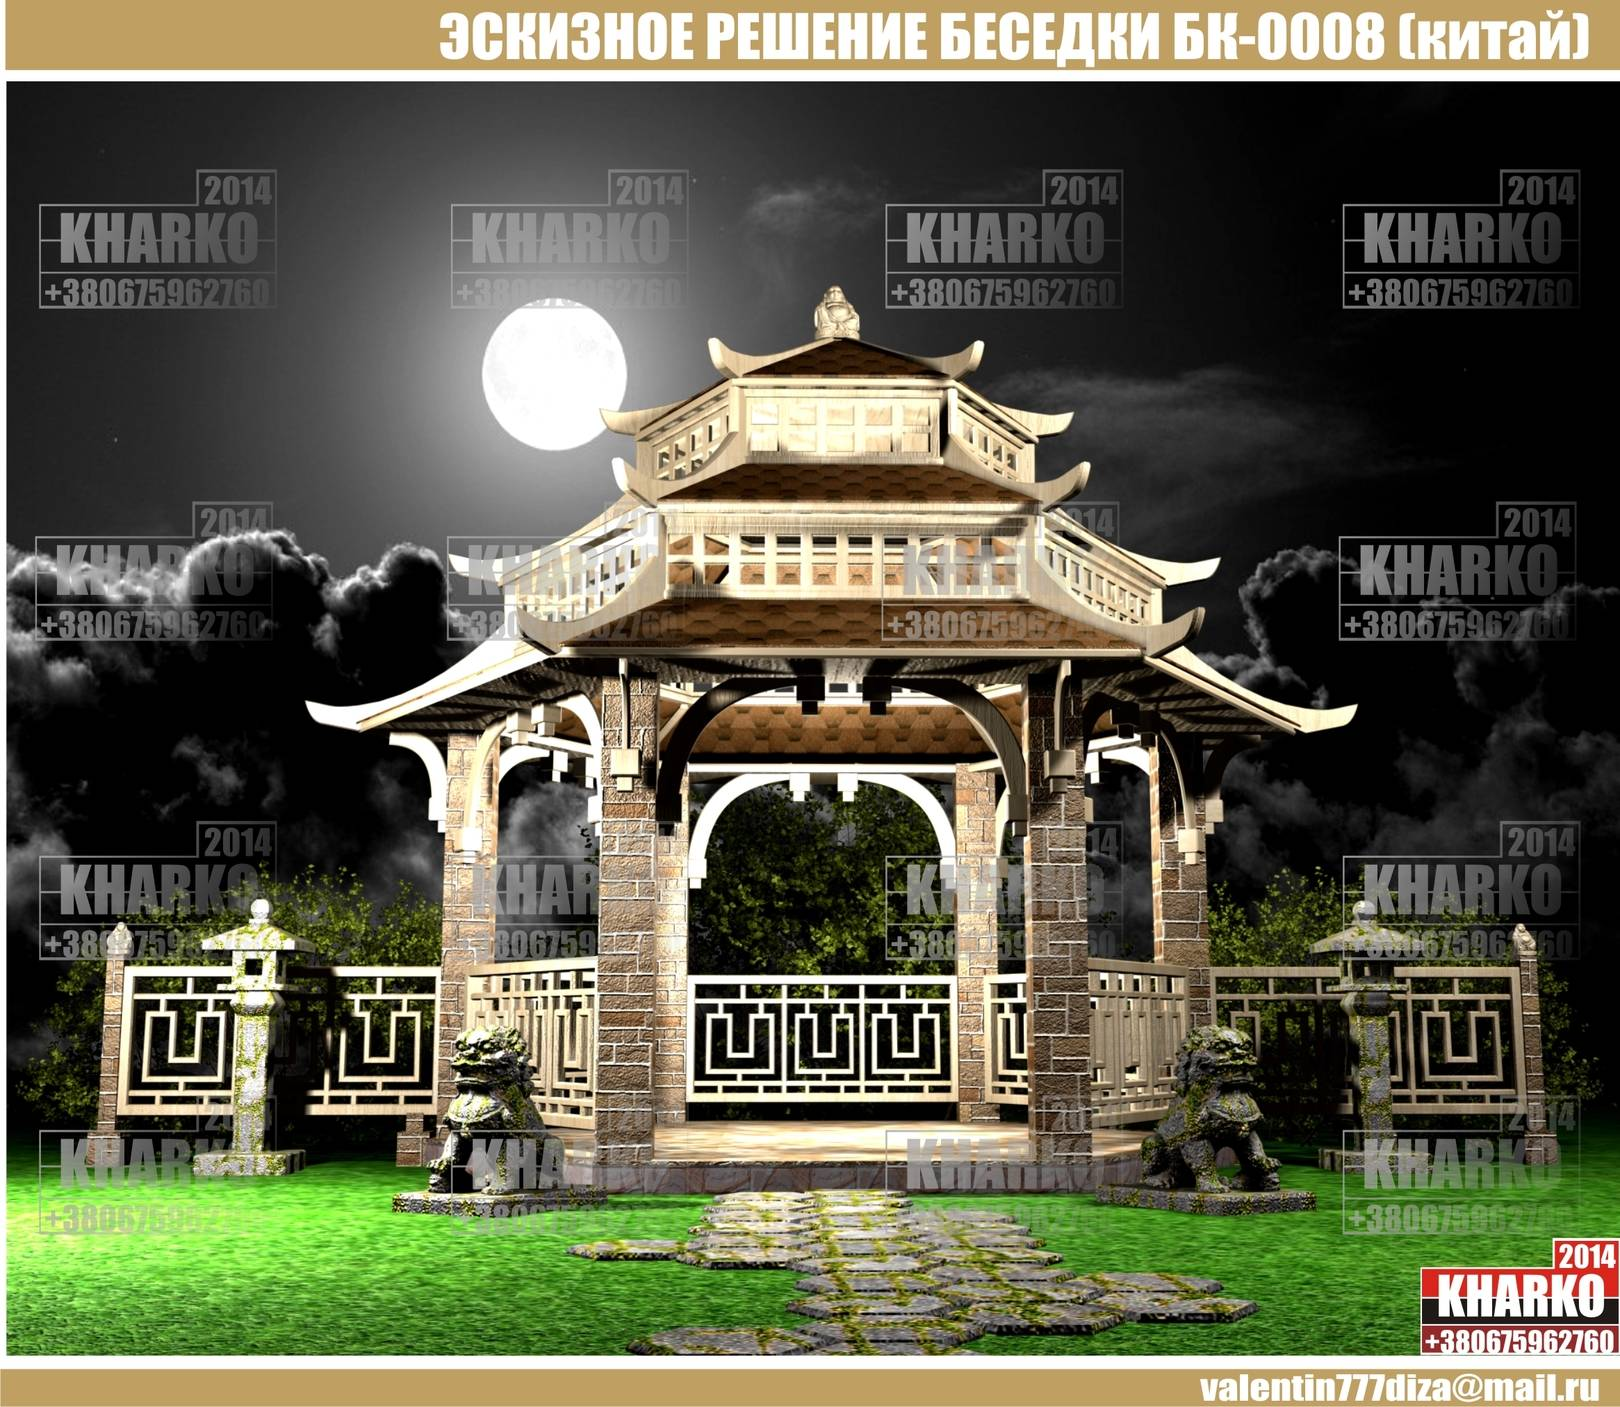 ПРОЕКТ БЕСЕДКИ БК-0008 (китайский стиль)